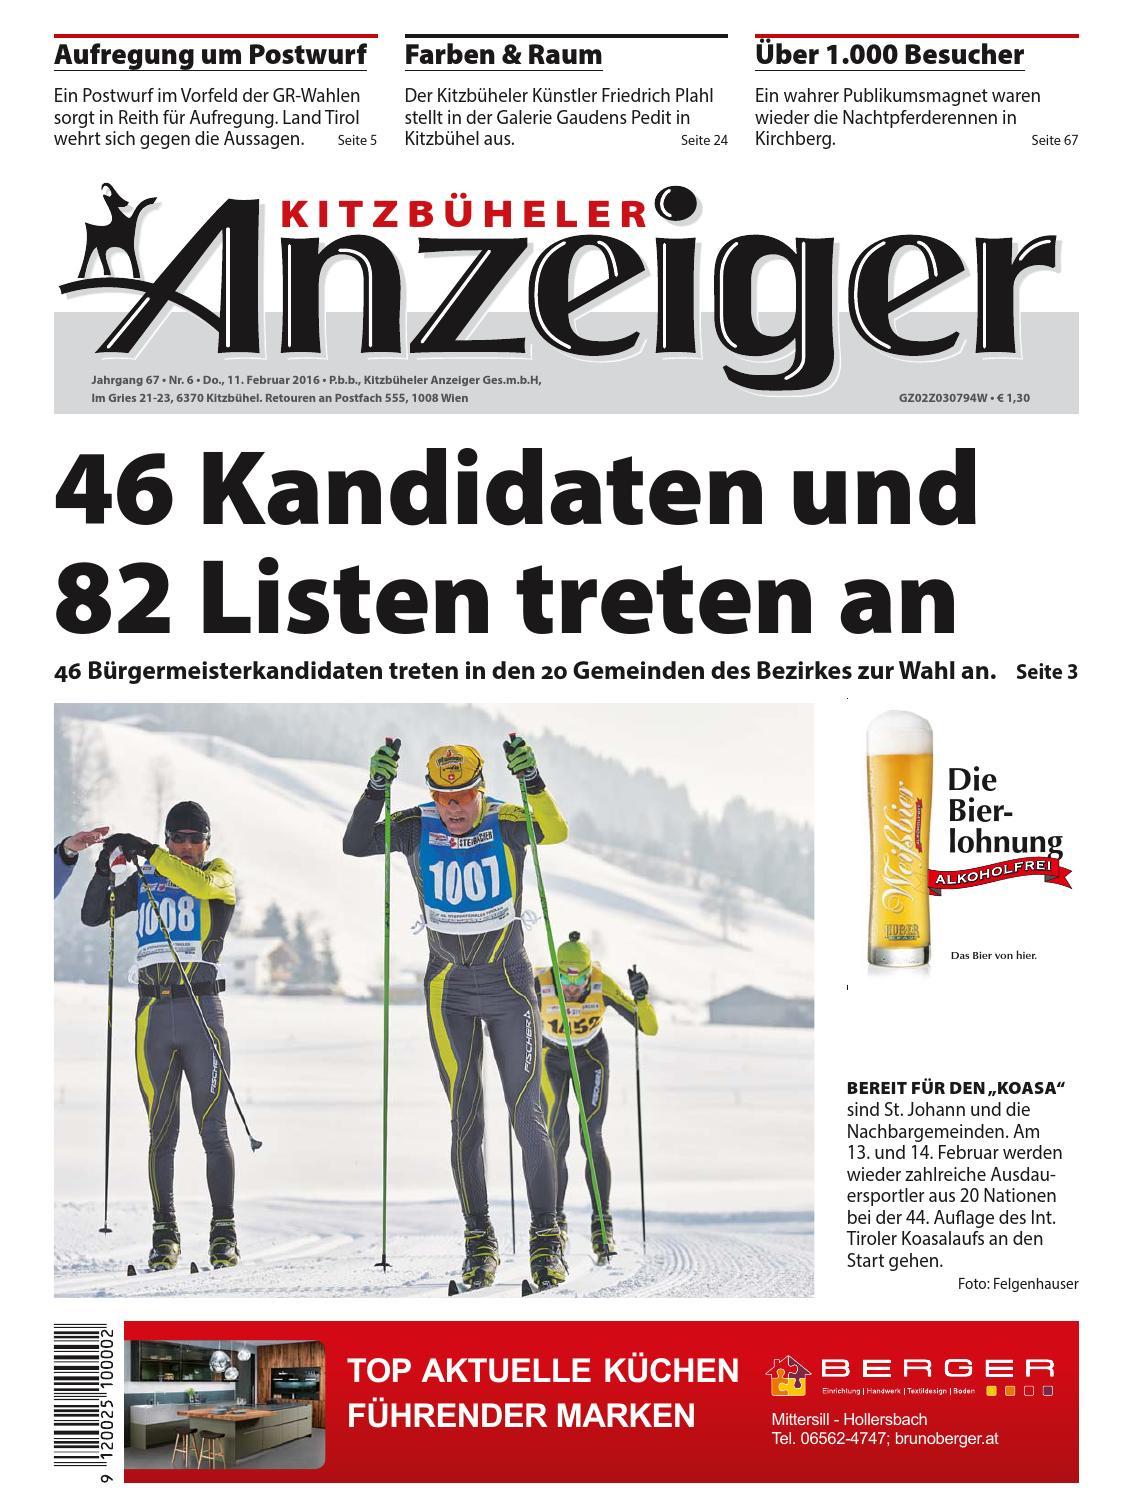 Kitzbüheler Anzeiger KW 06 2016 by kitzanzeiger - issuu